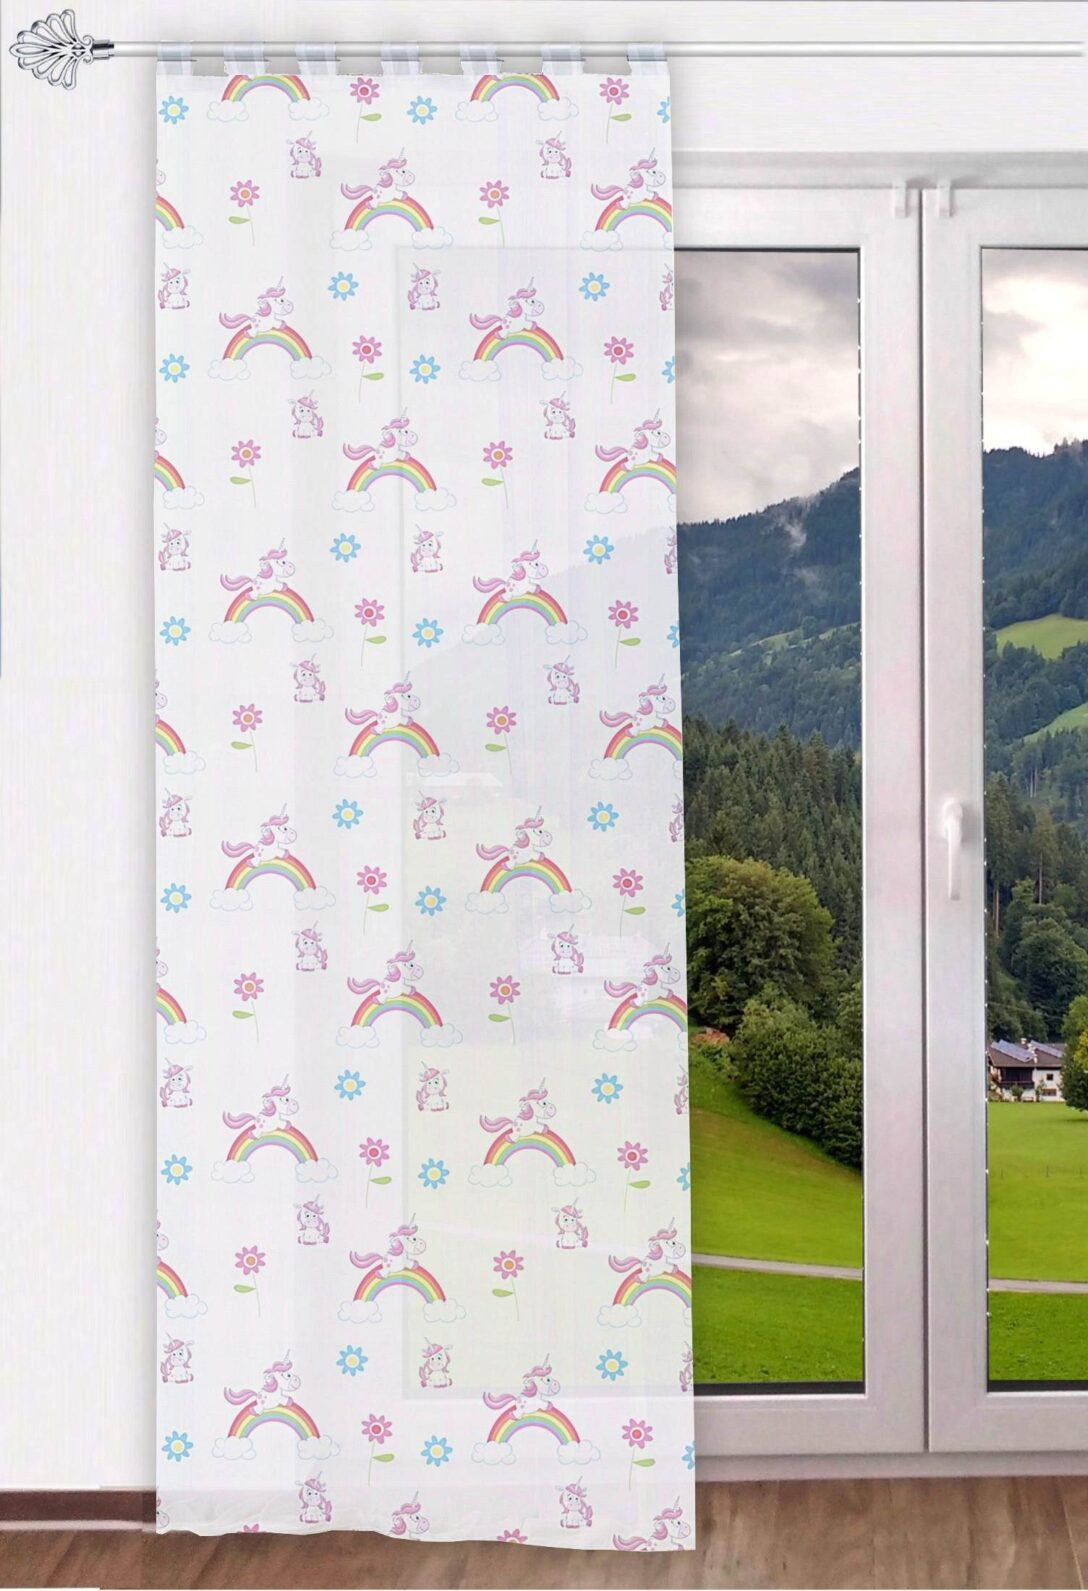 Large Size of Rollo Kinderzimmer Dunkel Verdunkelung Junge Klemmfix Ikea Sterne Rosa Wolken Blickdicht Gardinen Welt Online Shop Moderner Schlaufenschal Aus Regal Fenster Kinderzimmer Rollo Kinderzimmer